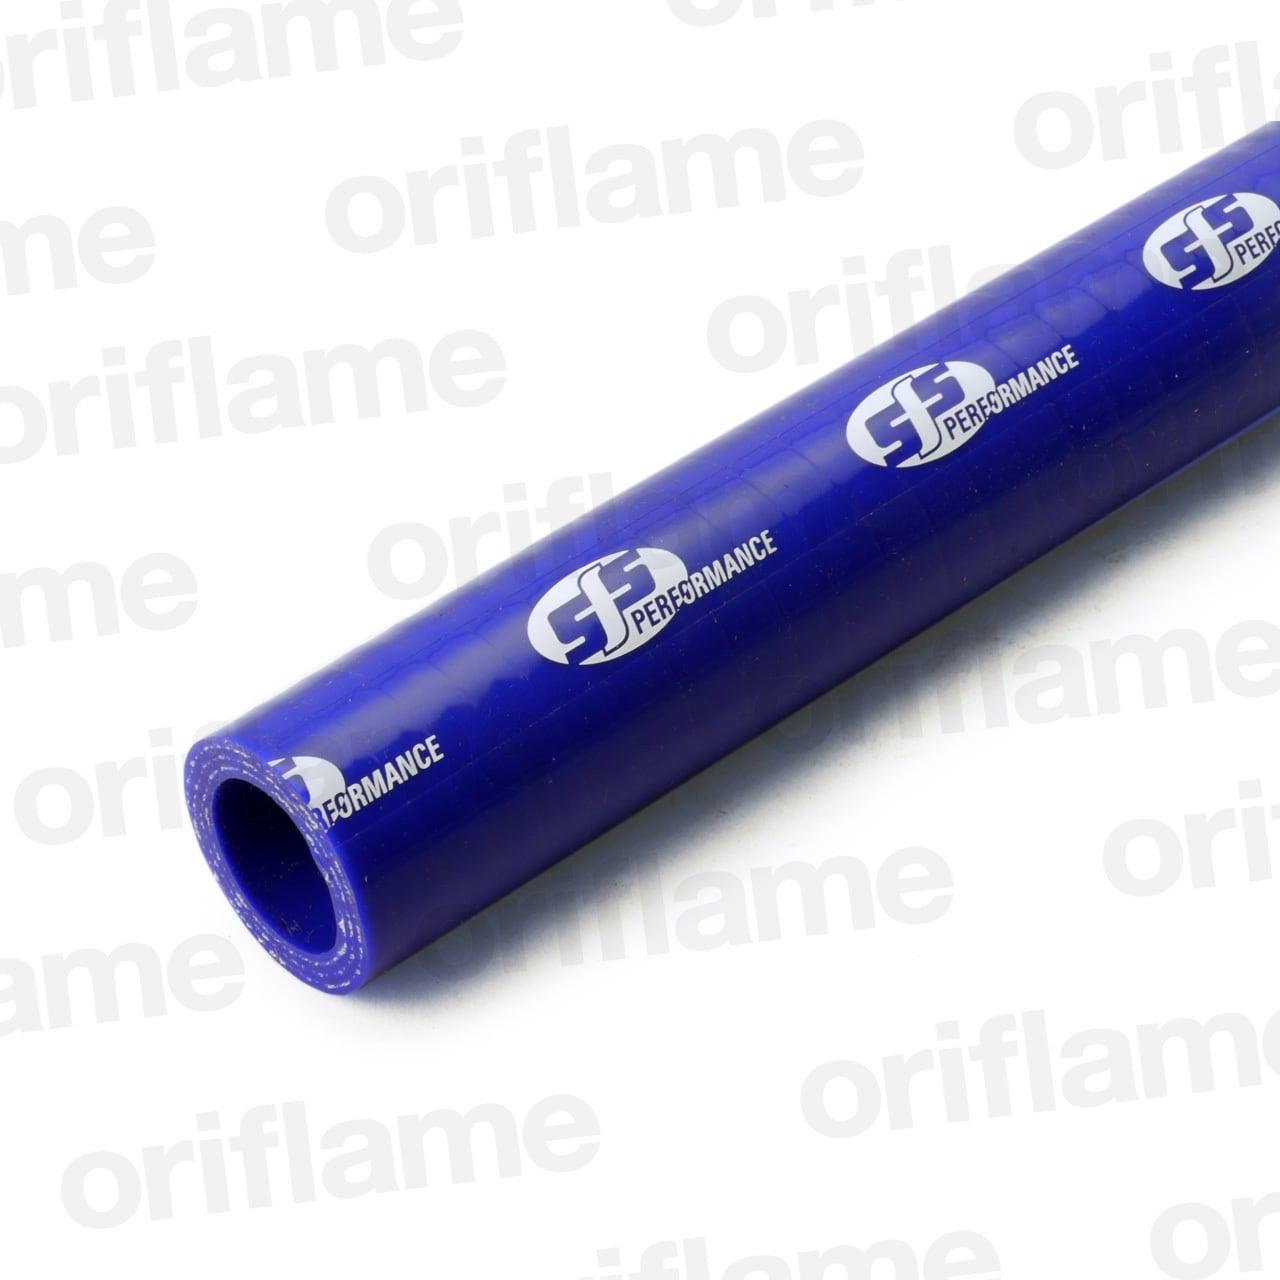 ストレートホース・内径22mm・ブルー